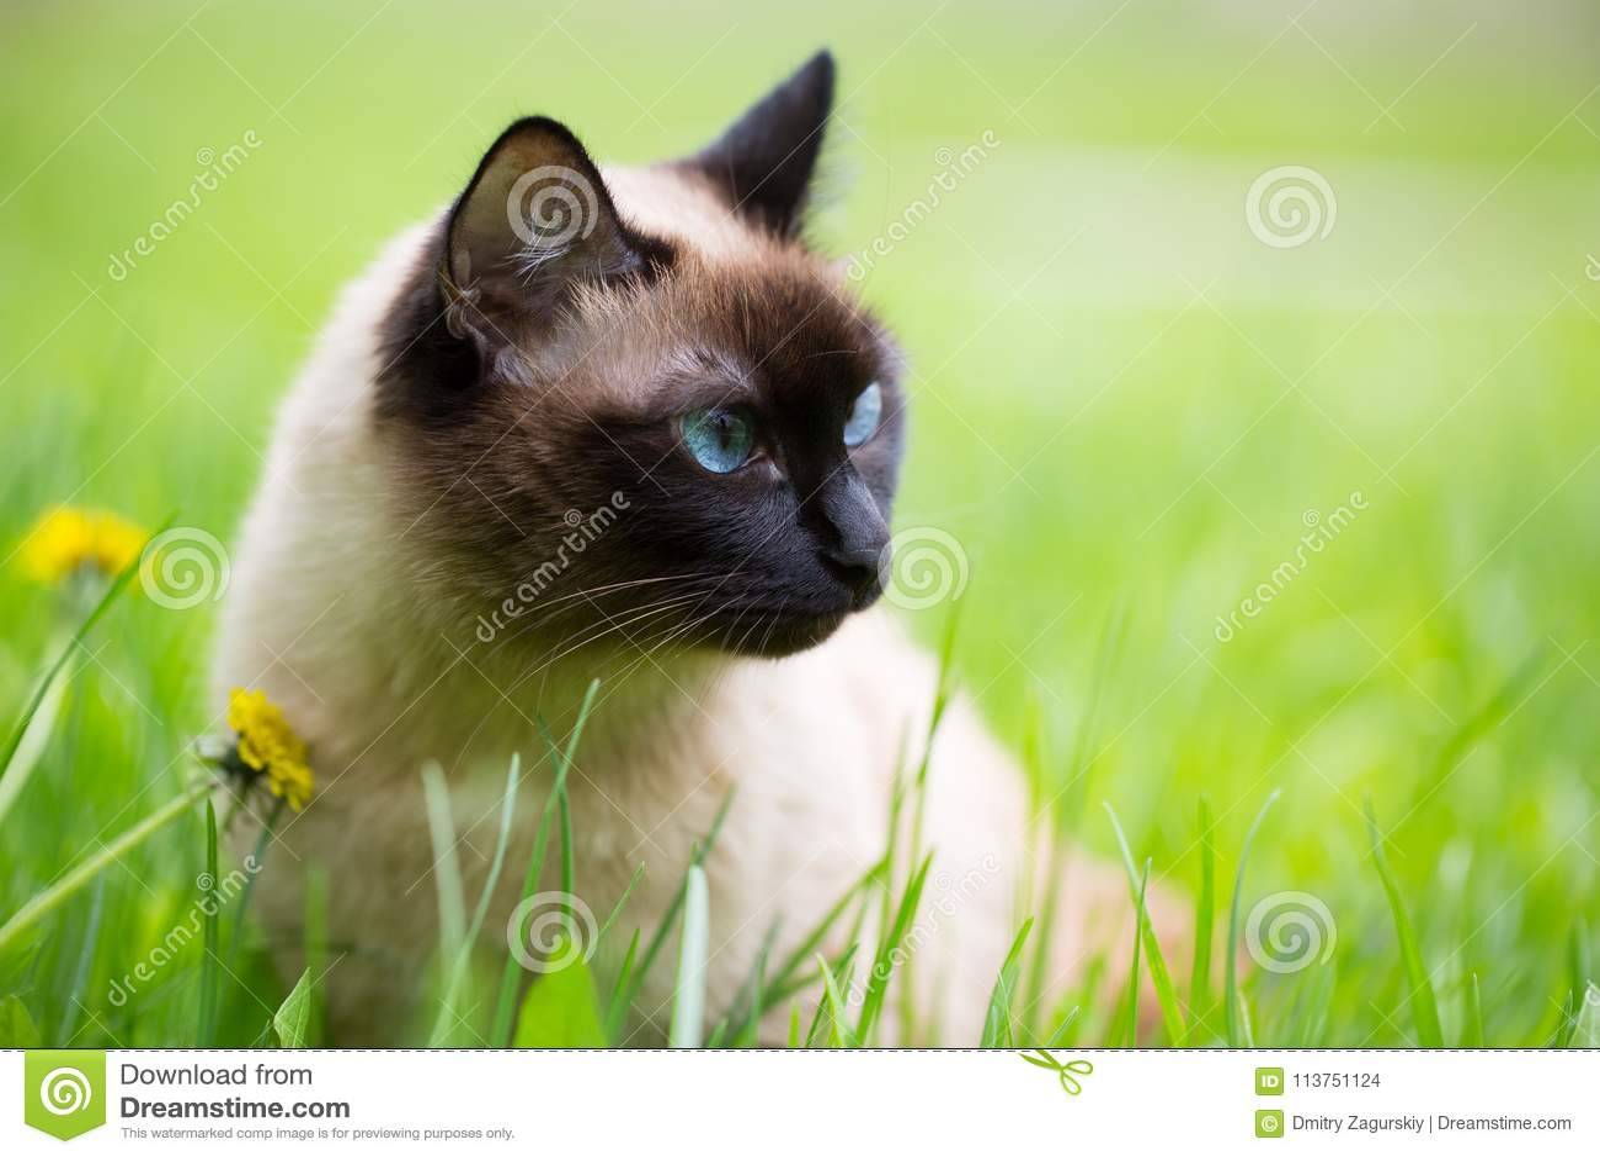 Chat siamois dans l herbe avec des yeux bleus